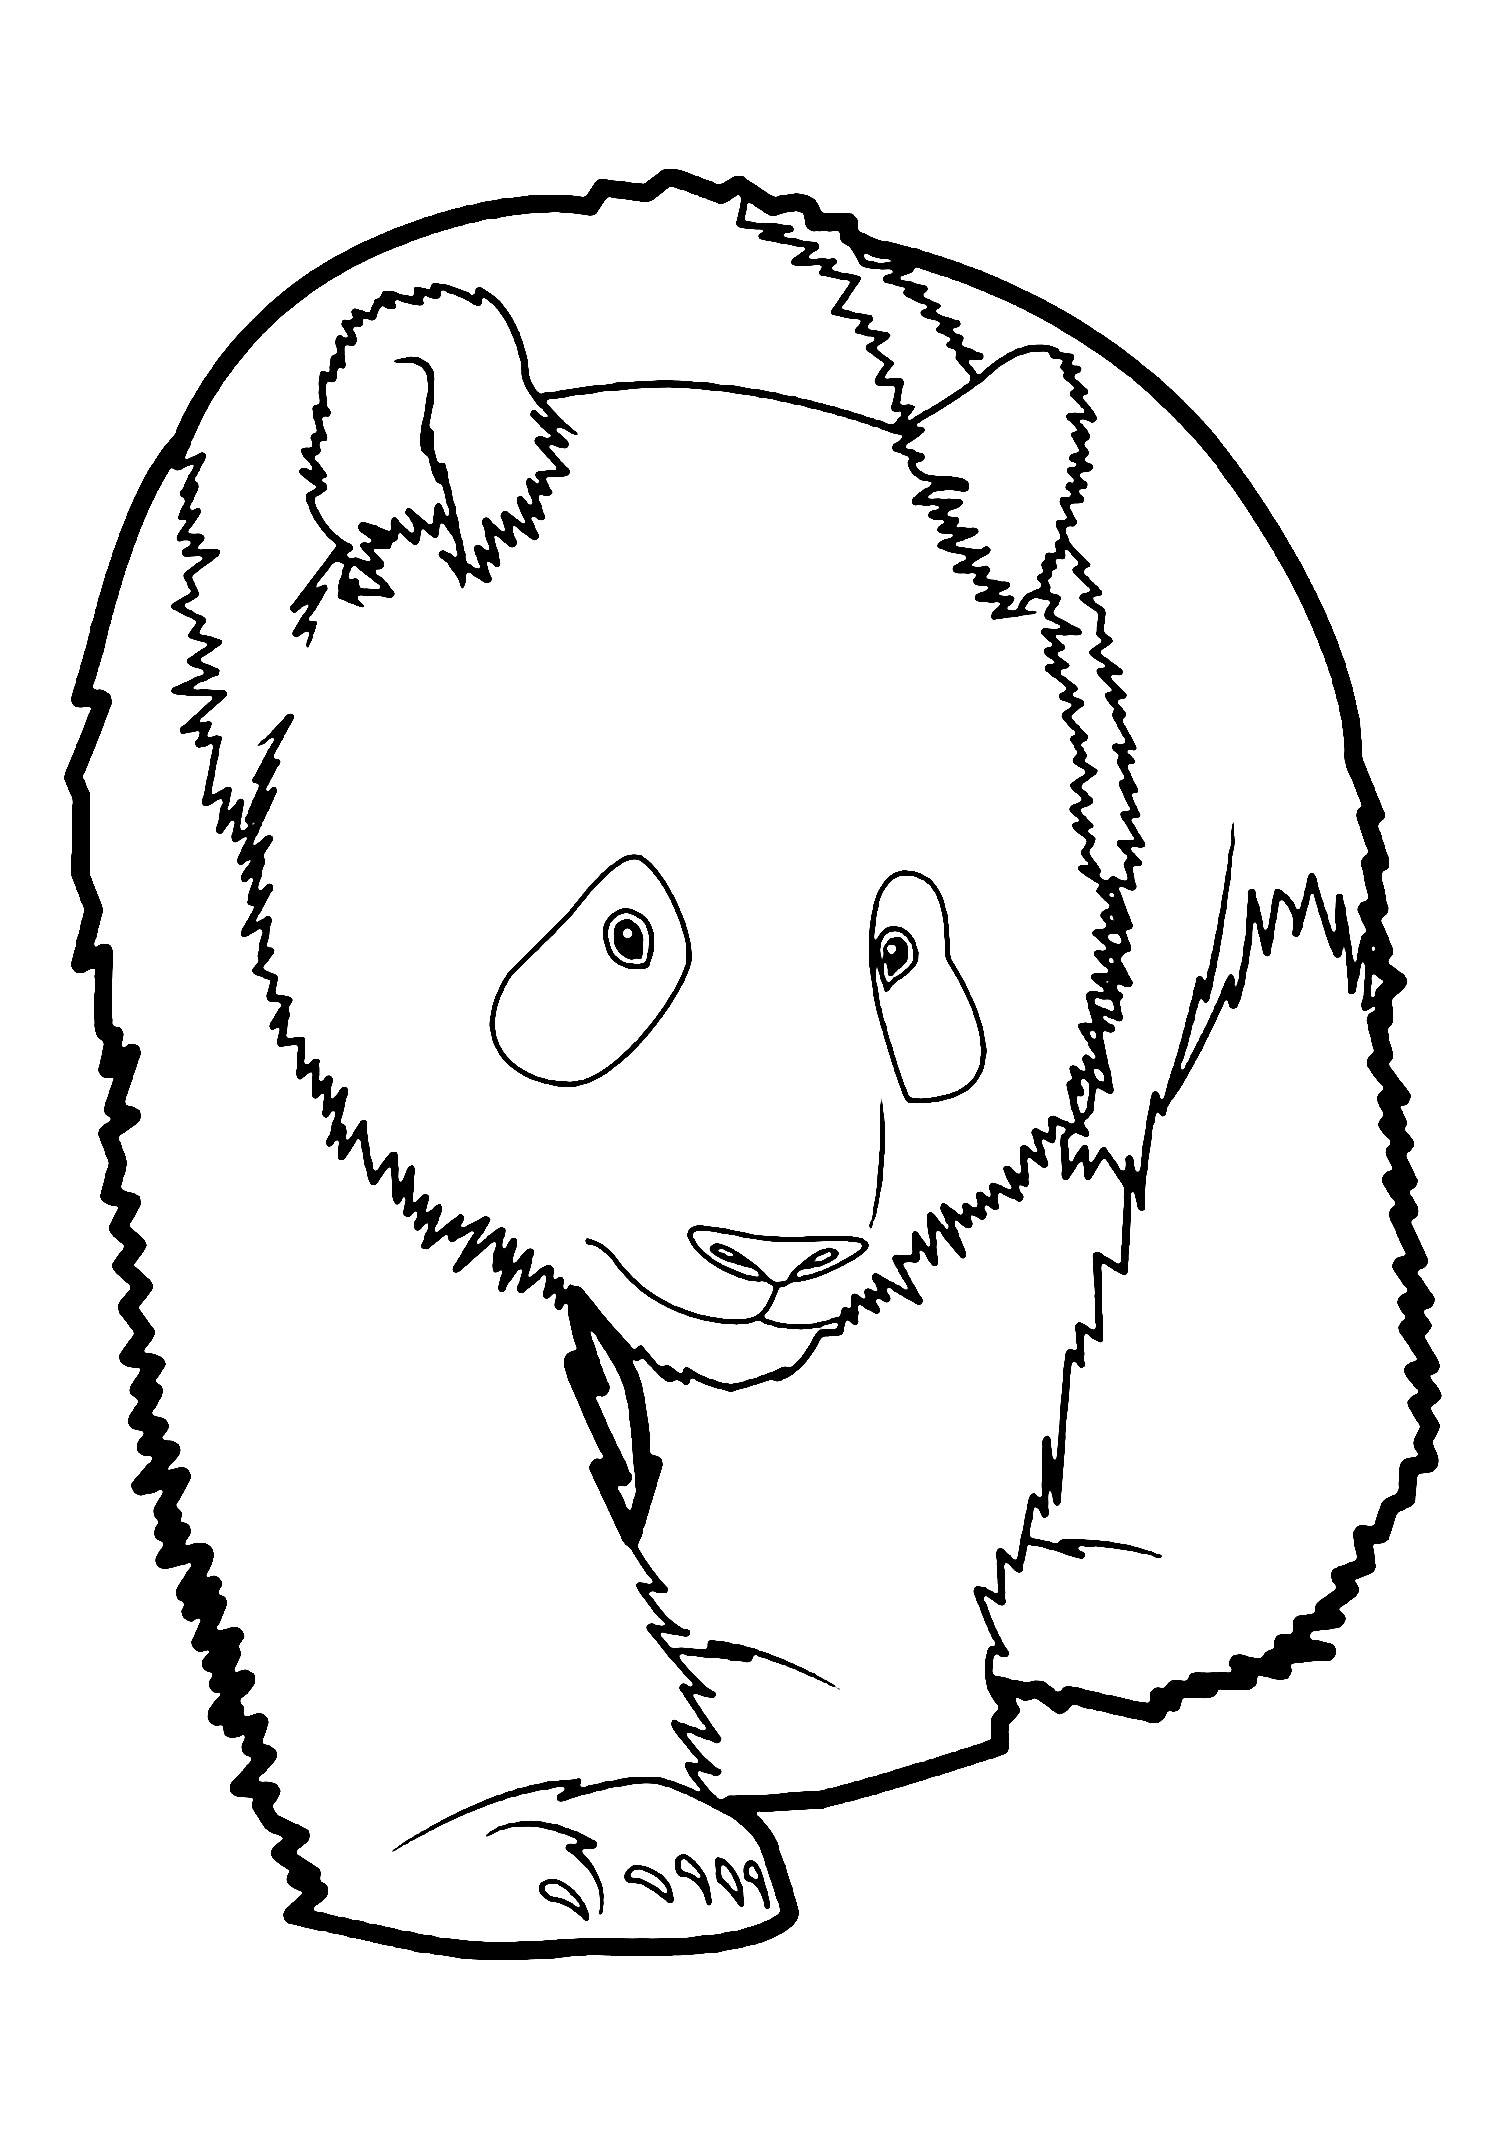 Incroyable Coloriage de panda, simple, pour enfants